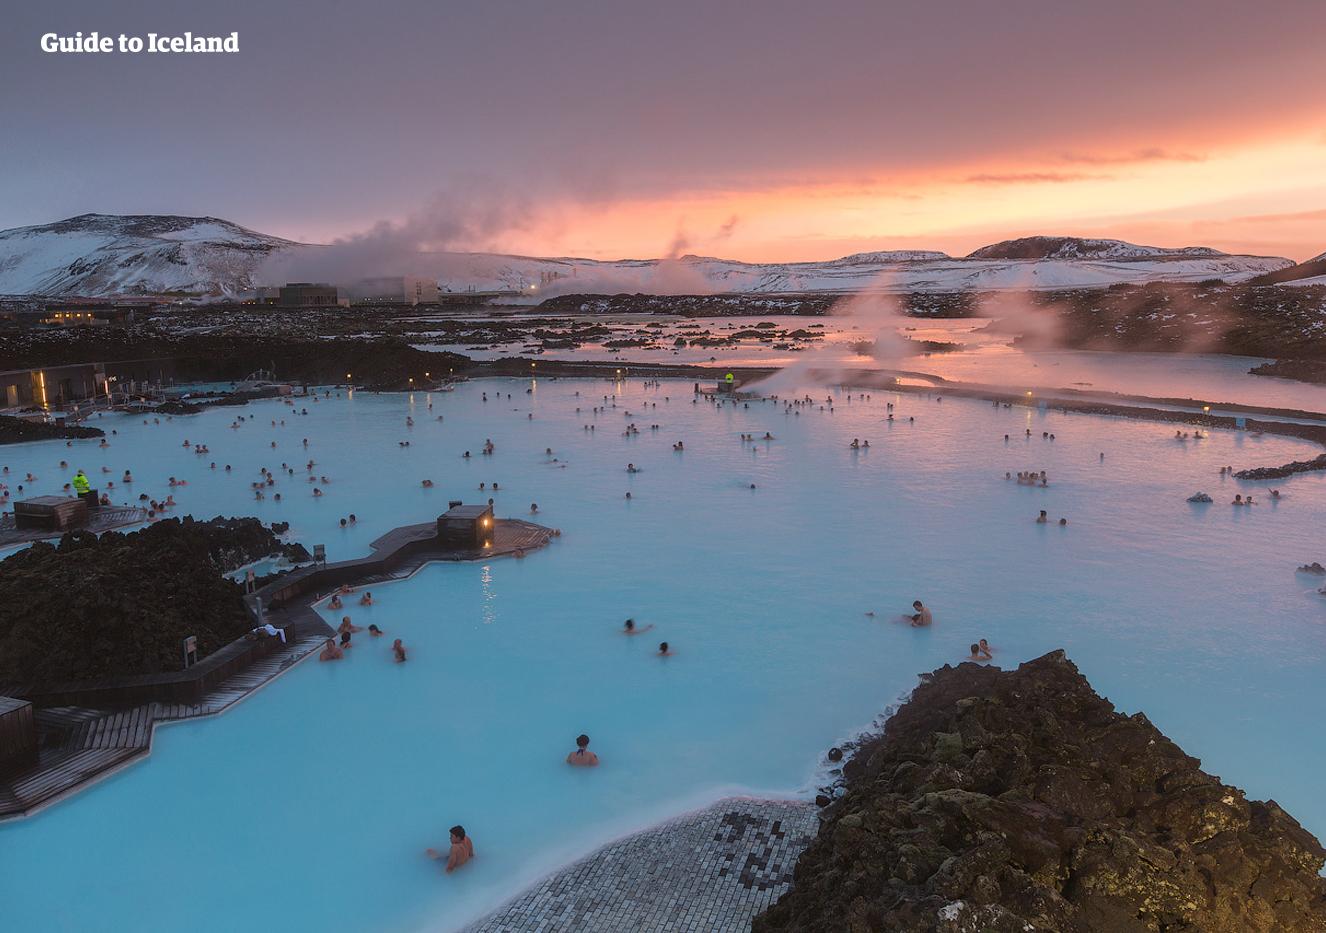 13 dni, samodzielna podróż | Zimowa wycieczka dookoła Islandii i Snaefellsnes - day 1